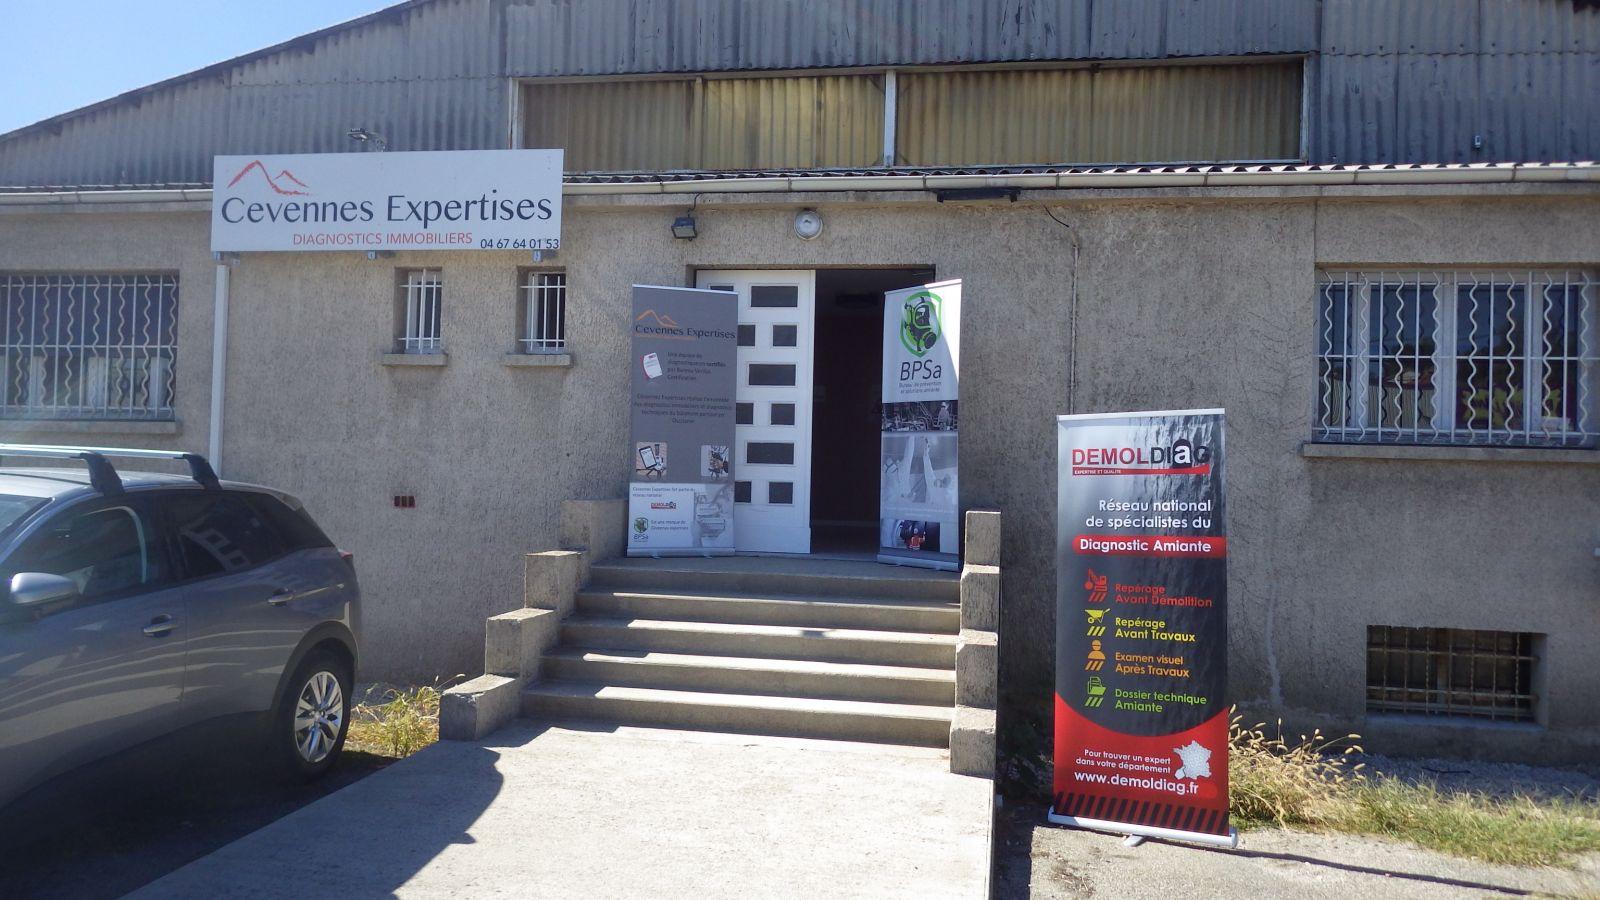 Expertise maison avant vente fabulous expertise maison for Axa immobilier location